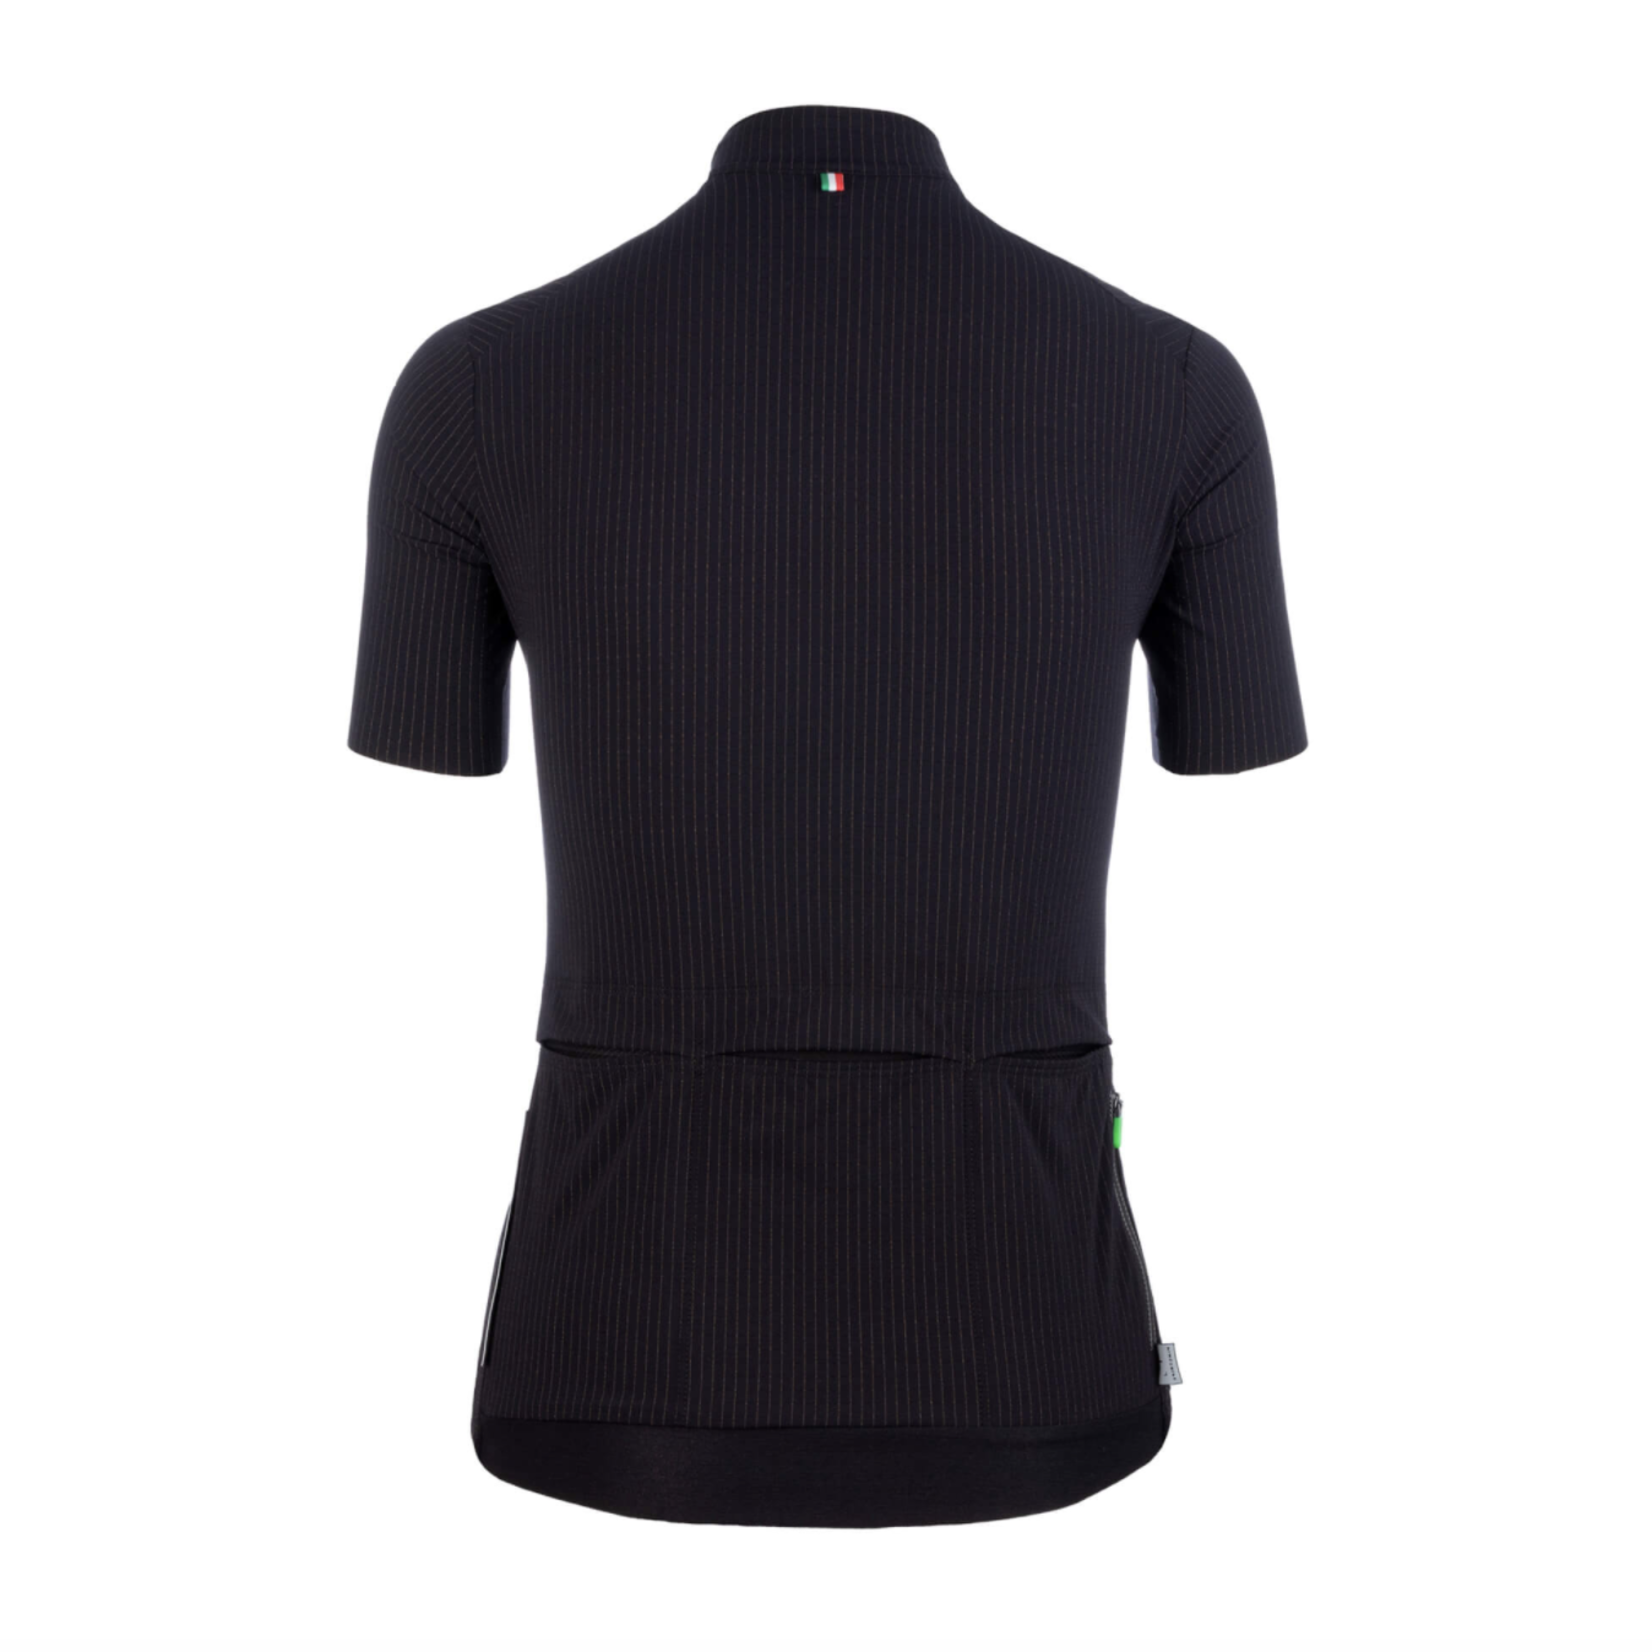 Q36.5 Q36.5 Women Jersey L1 Pinstripe X - Black